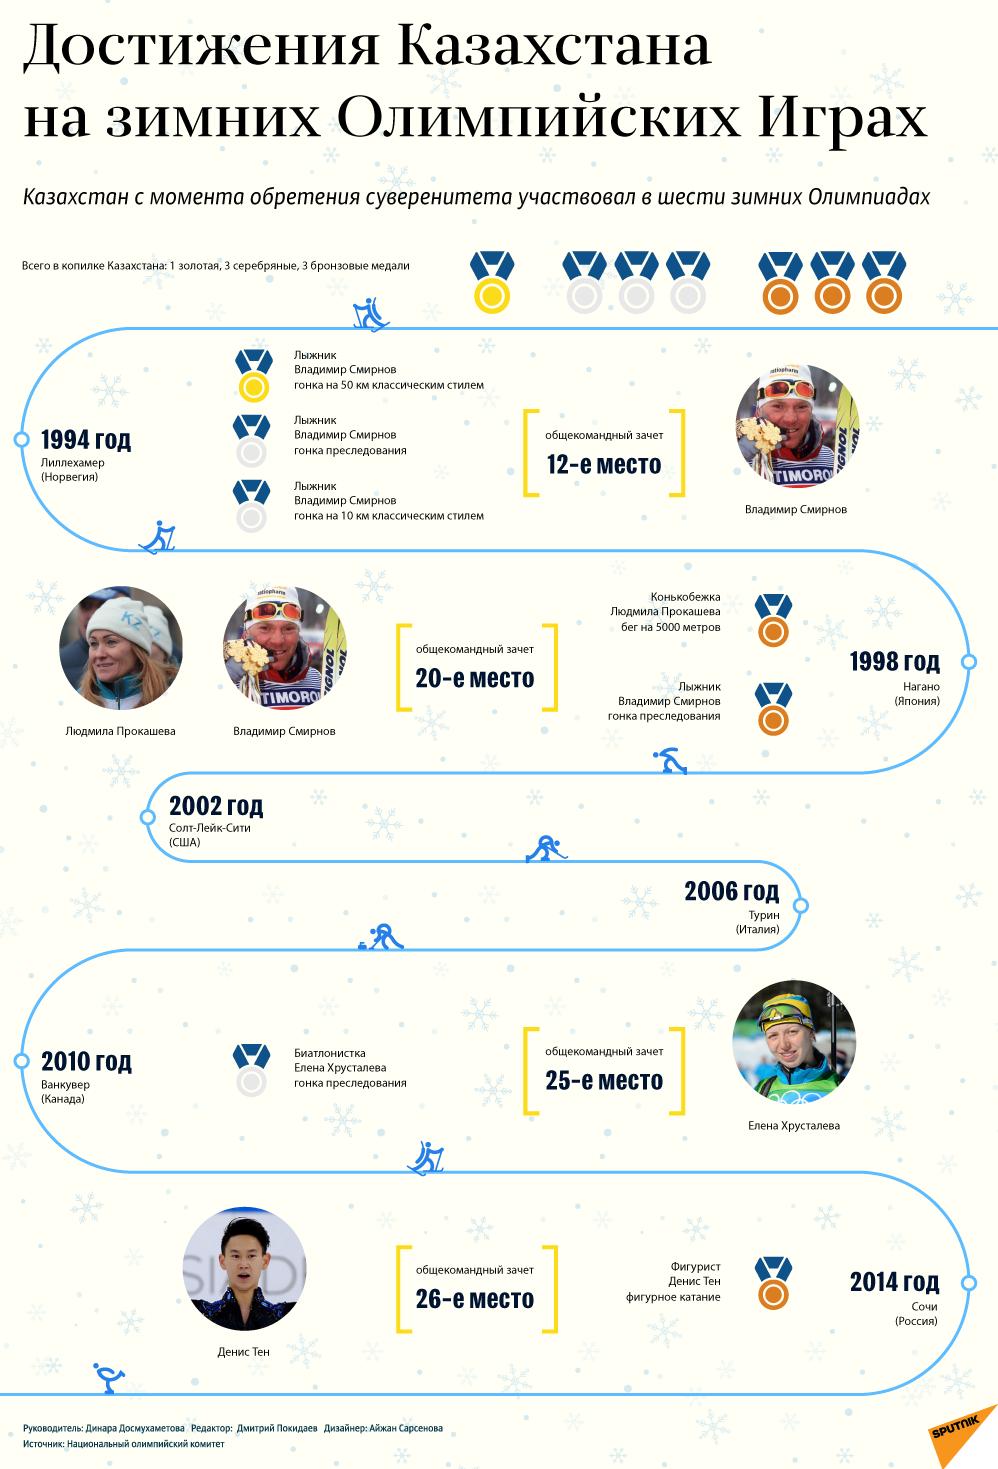 какие места олимпийские заняли страныкубань кредит орджоникидзе 46